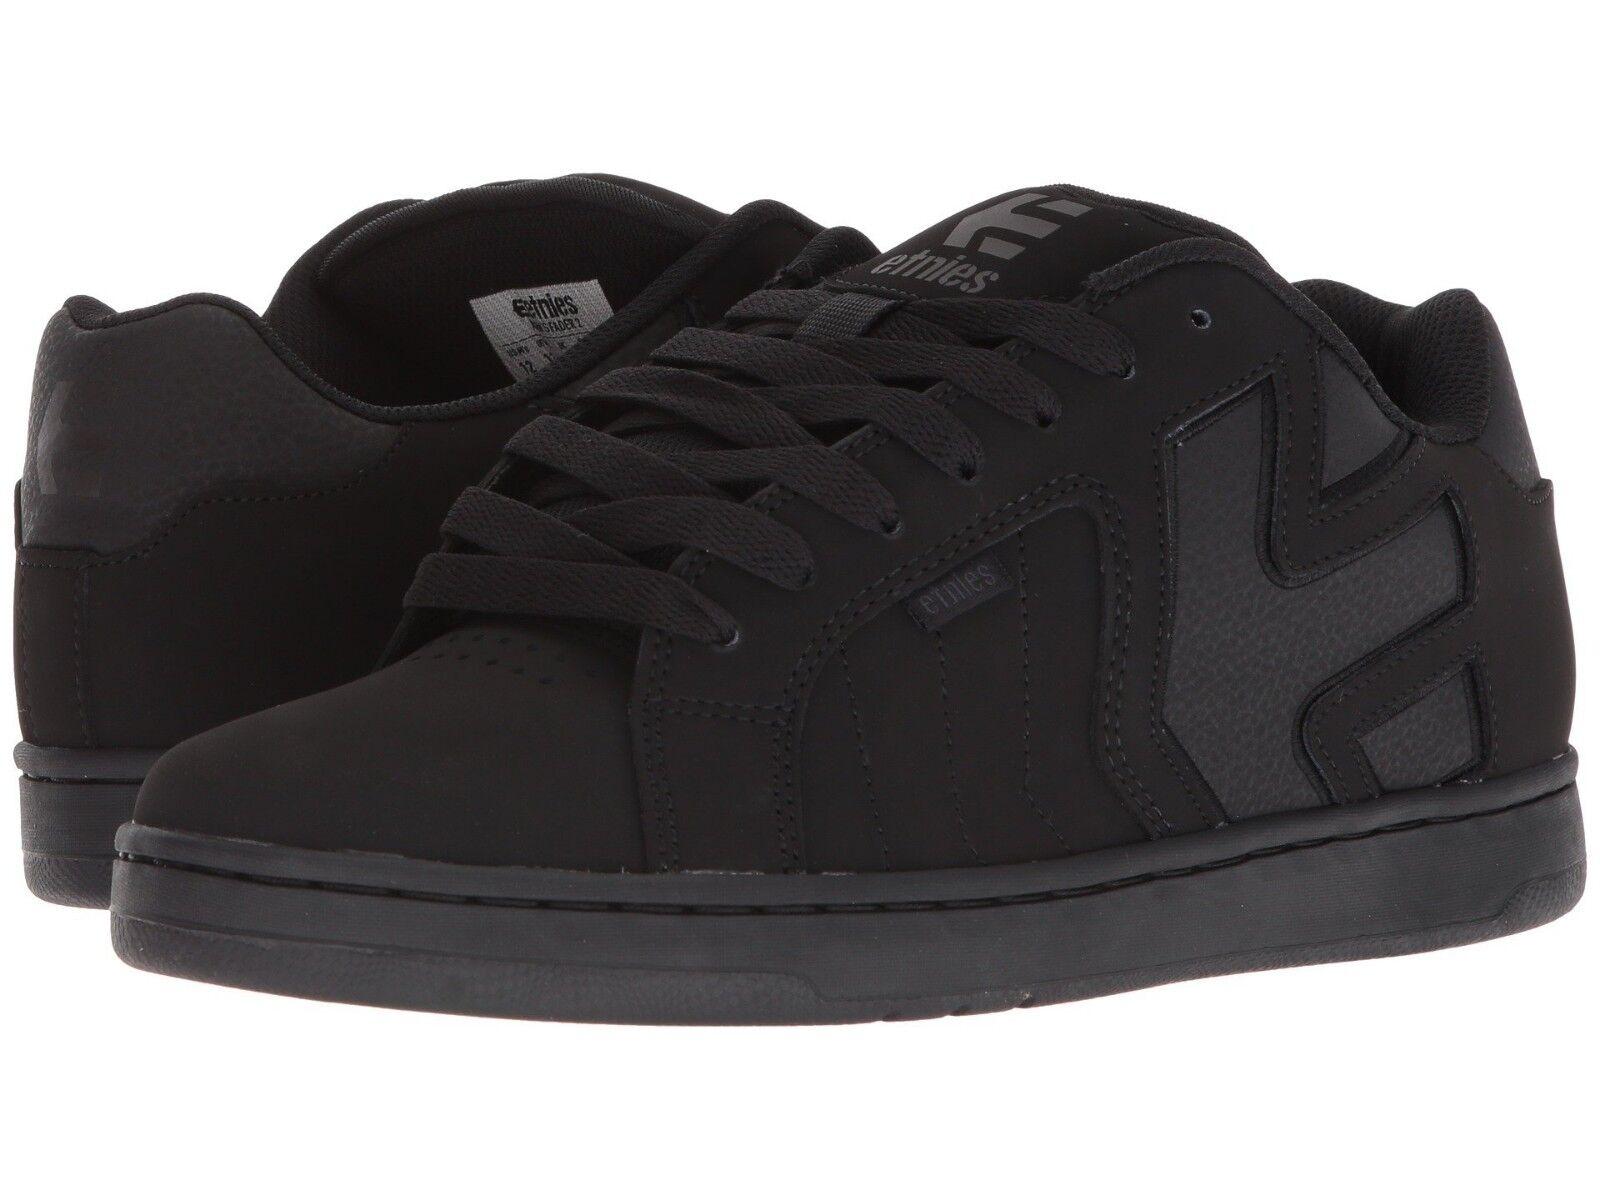 Schuhe Herren ETNIES FADER 2 SKATEBOARDING Schuhe  NIB BLACK BLACK BLACK 5bd94e